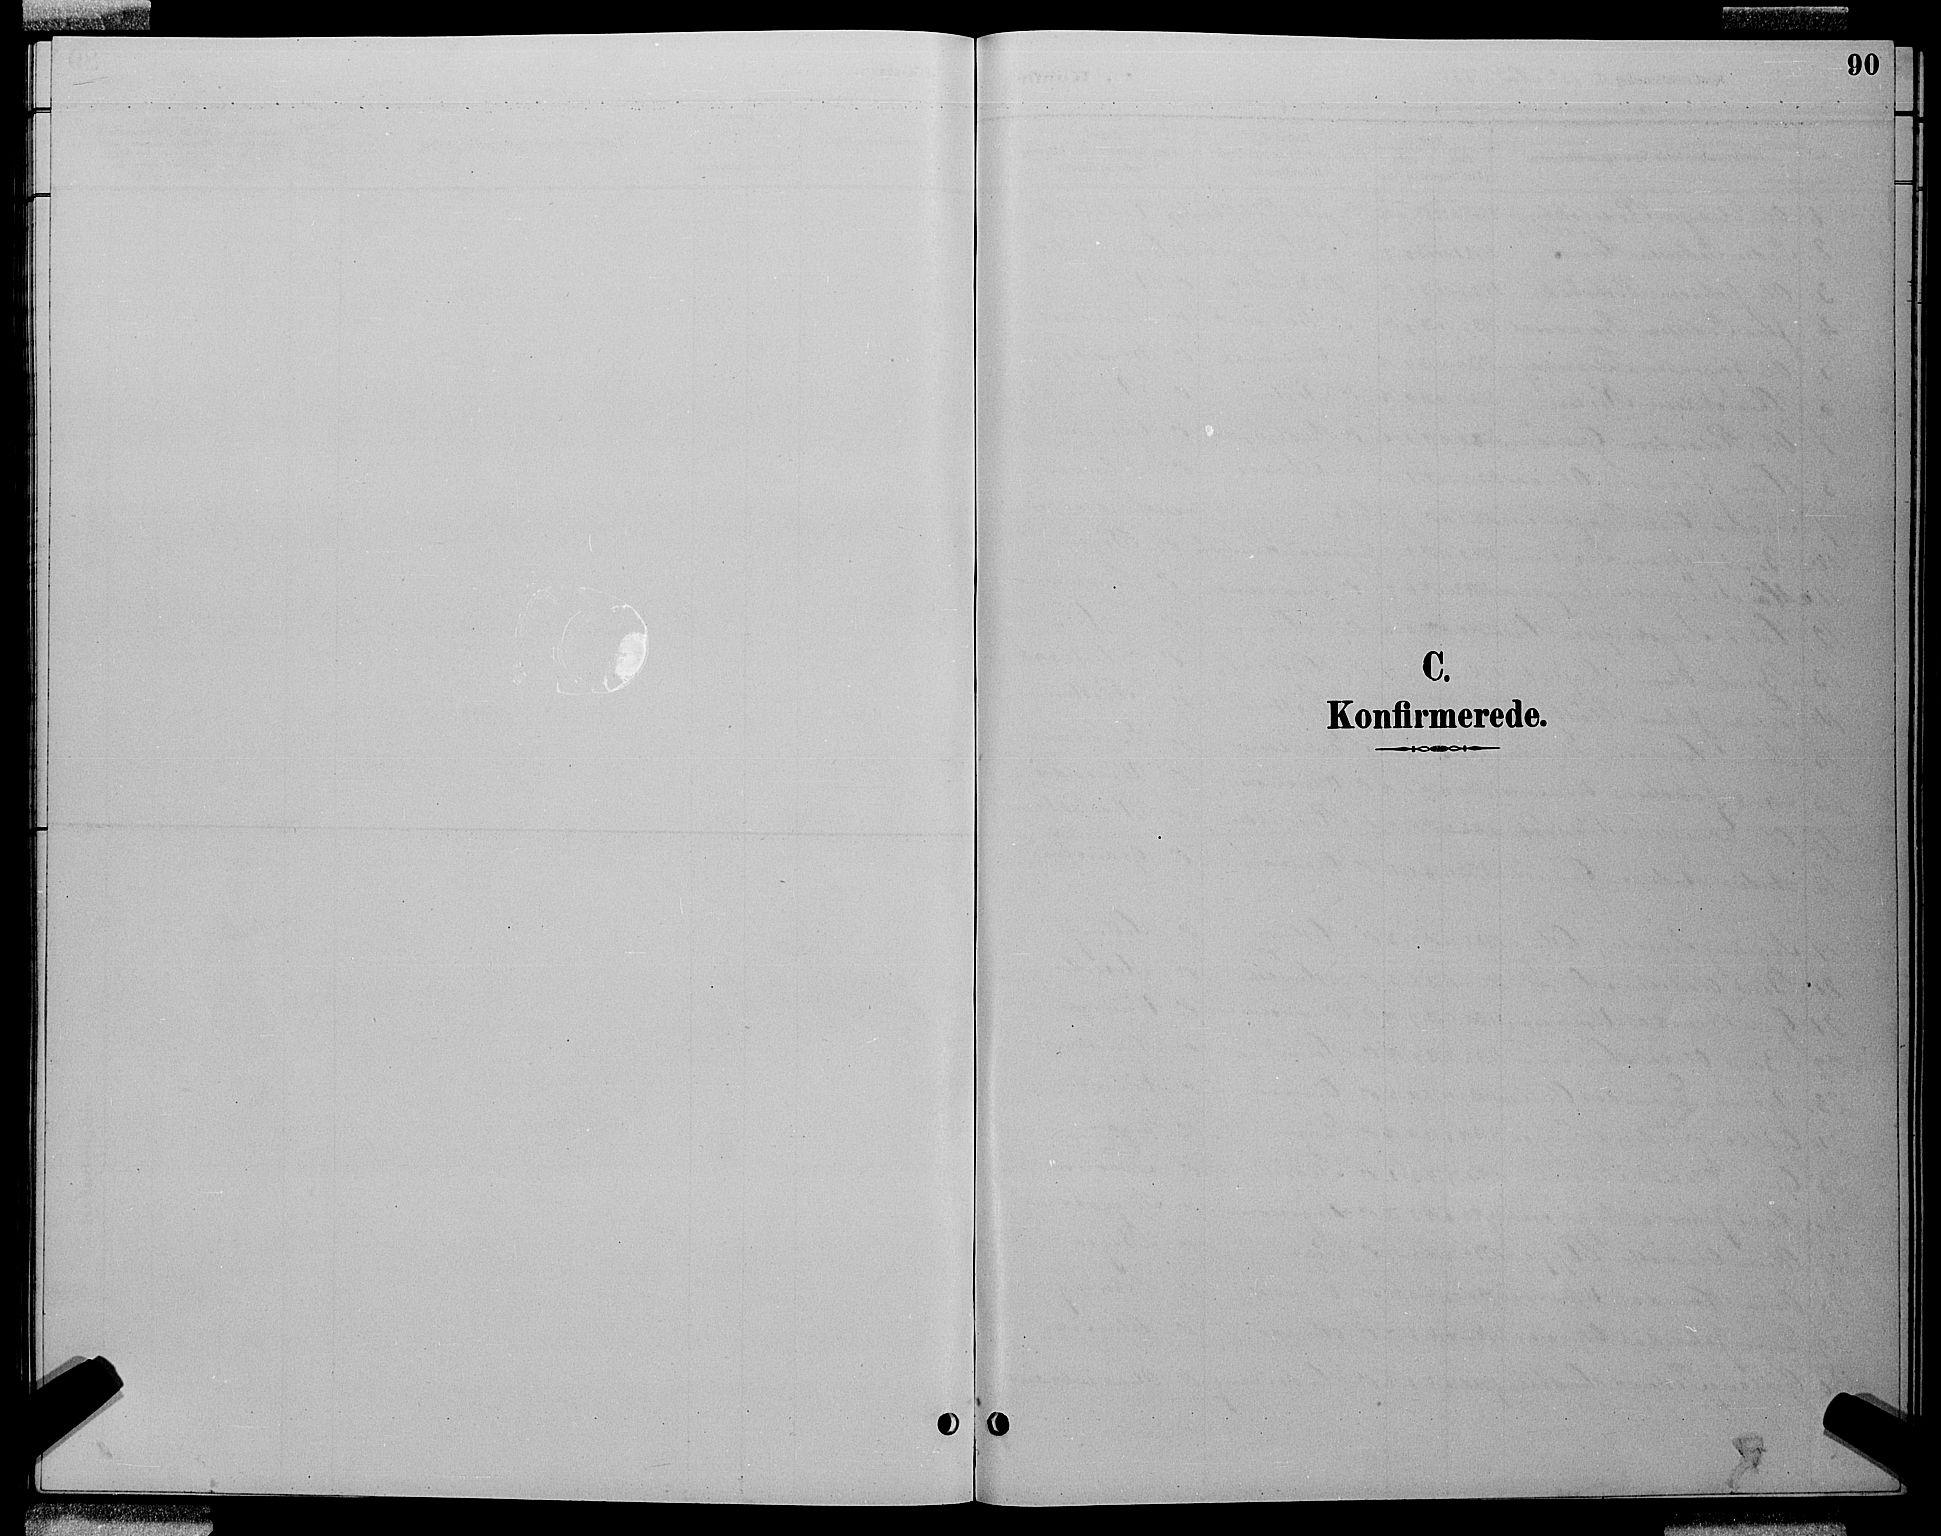 SAT, Ministerialprotokoller, klokkerbøker og fødselsregistre - Sør-Trøndelag, 688/L1028: Klokkerbok nr. 688C03, 1889-1899, s. 90